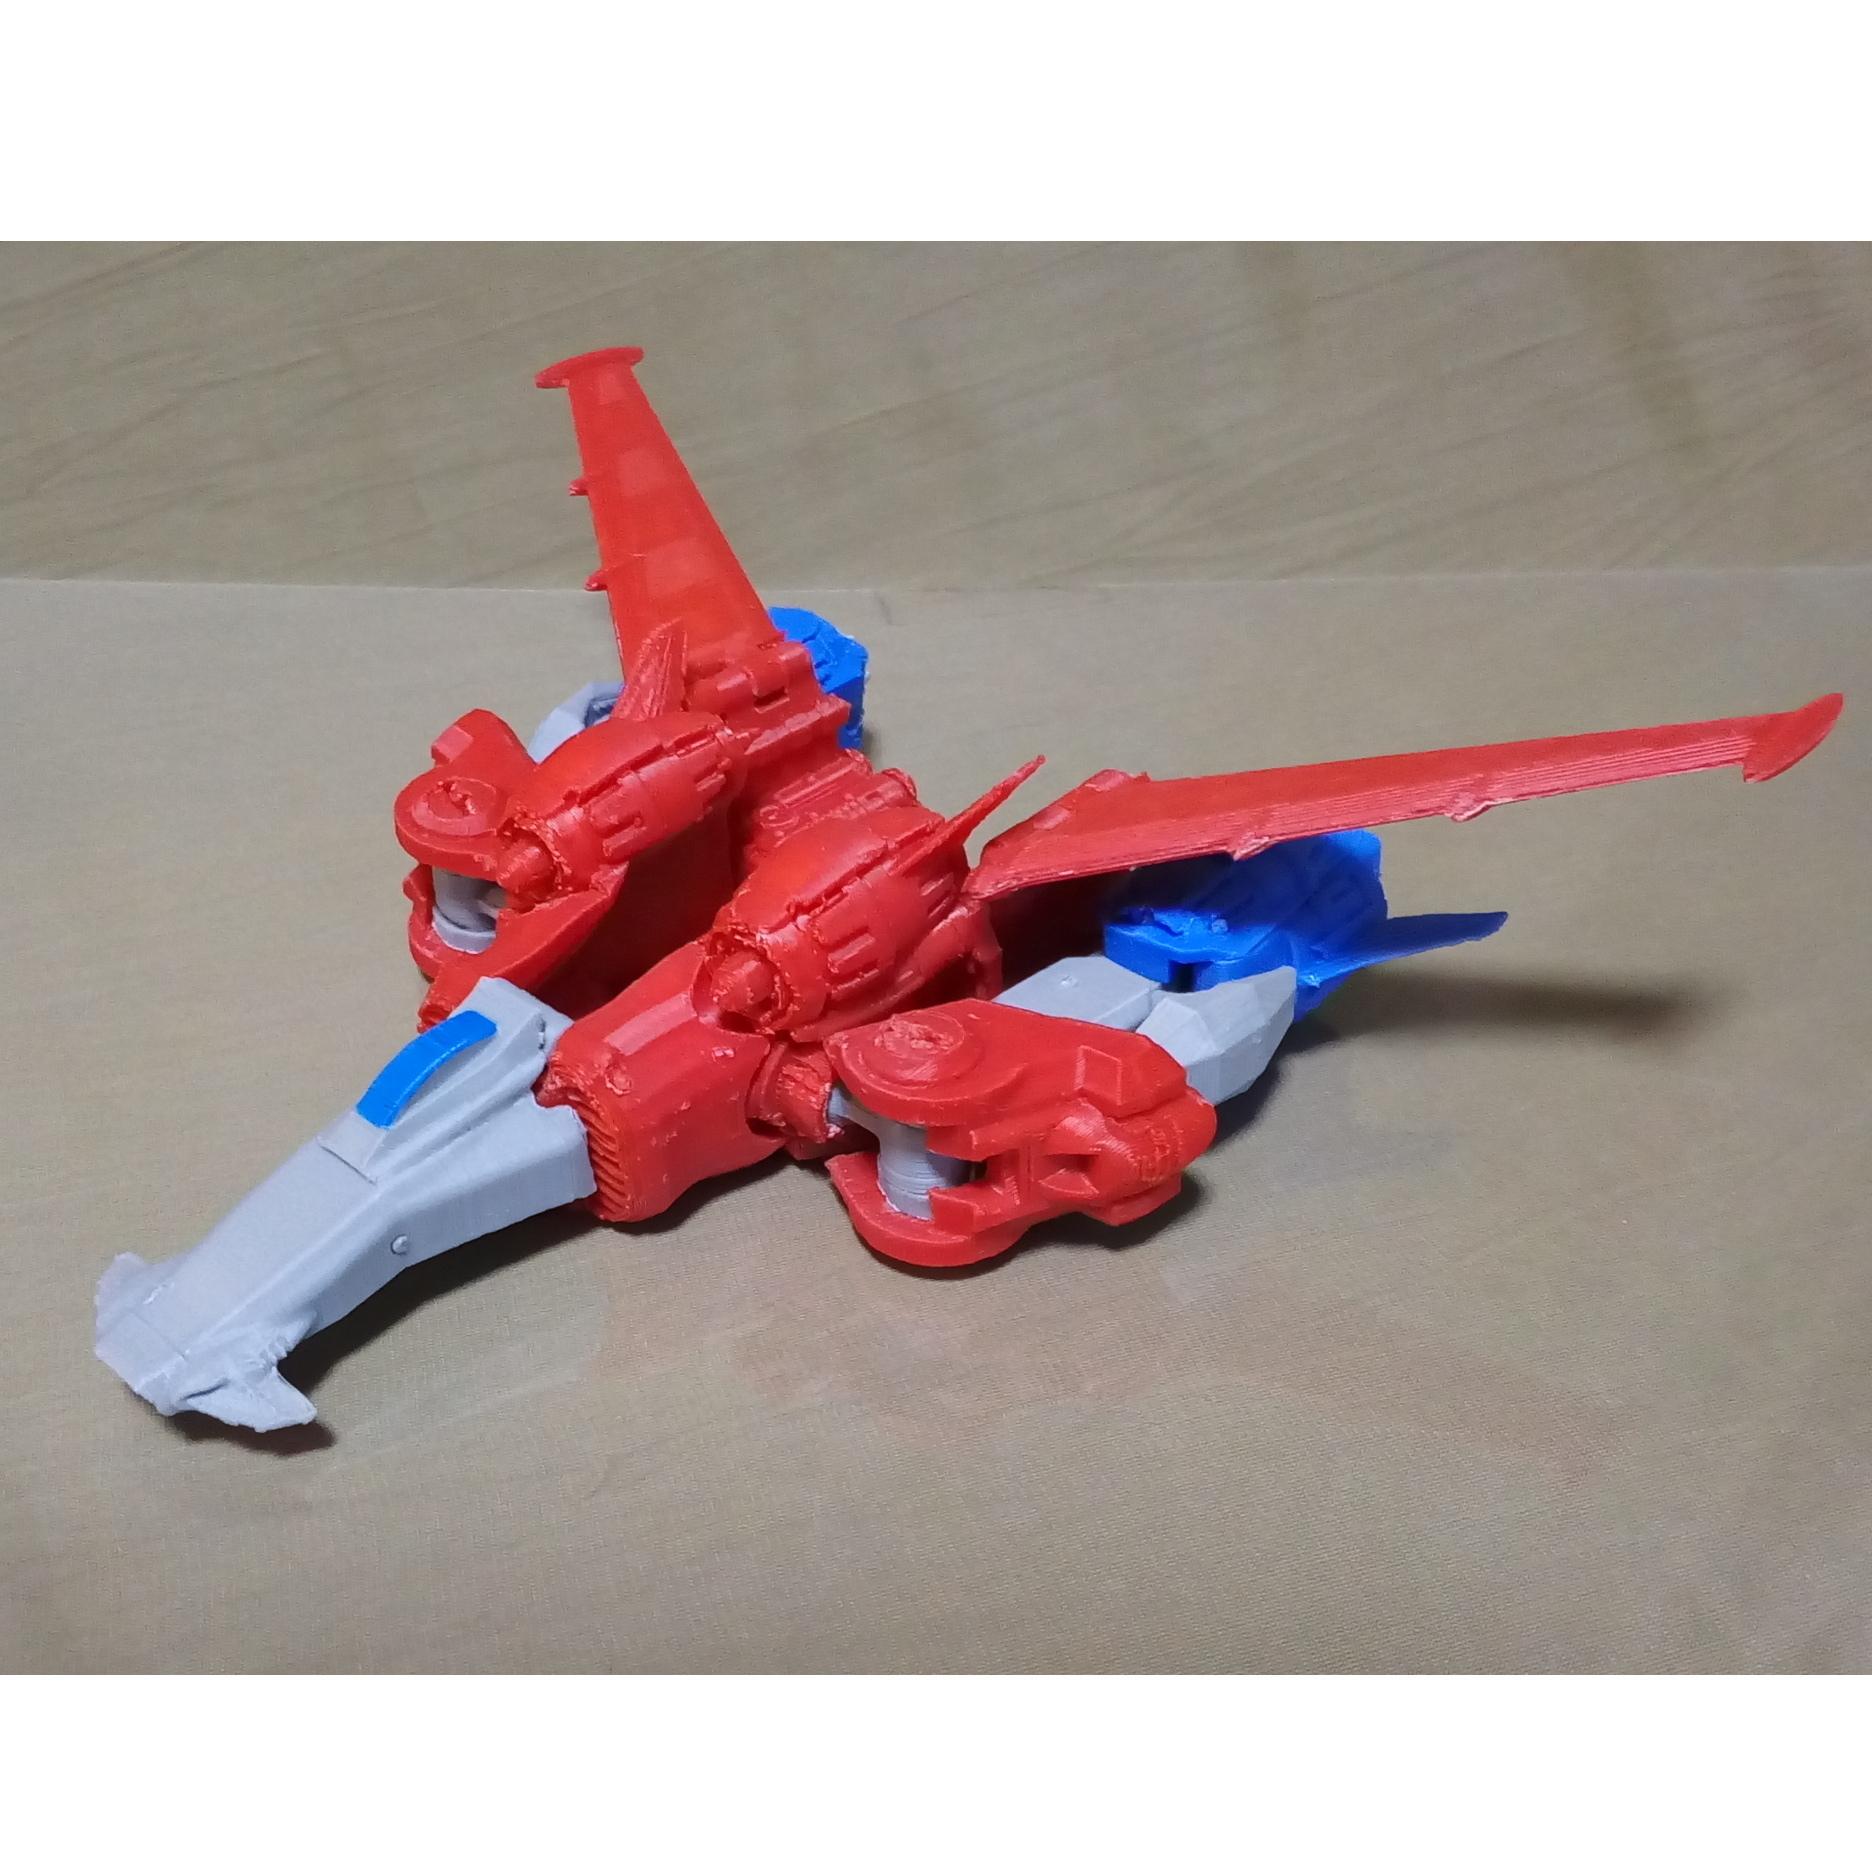 Télécharger fichier STL Hyperion M-03 • Plan à imprimer en 3D, Otokamgarage_dcs